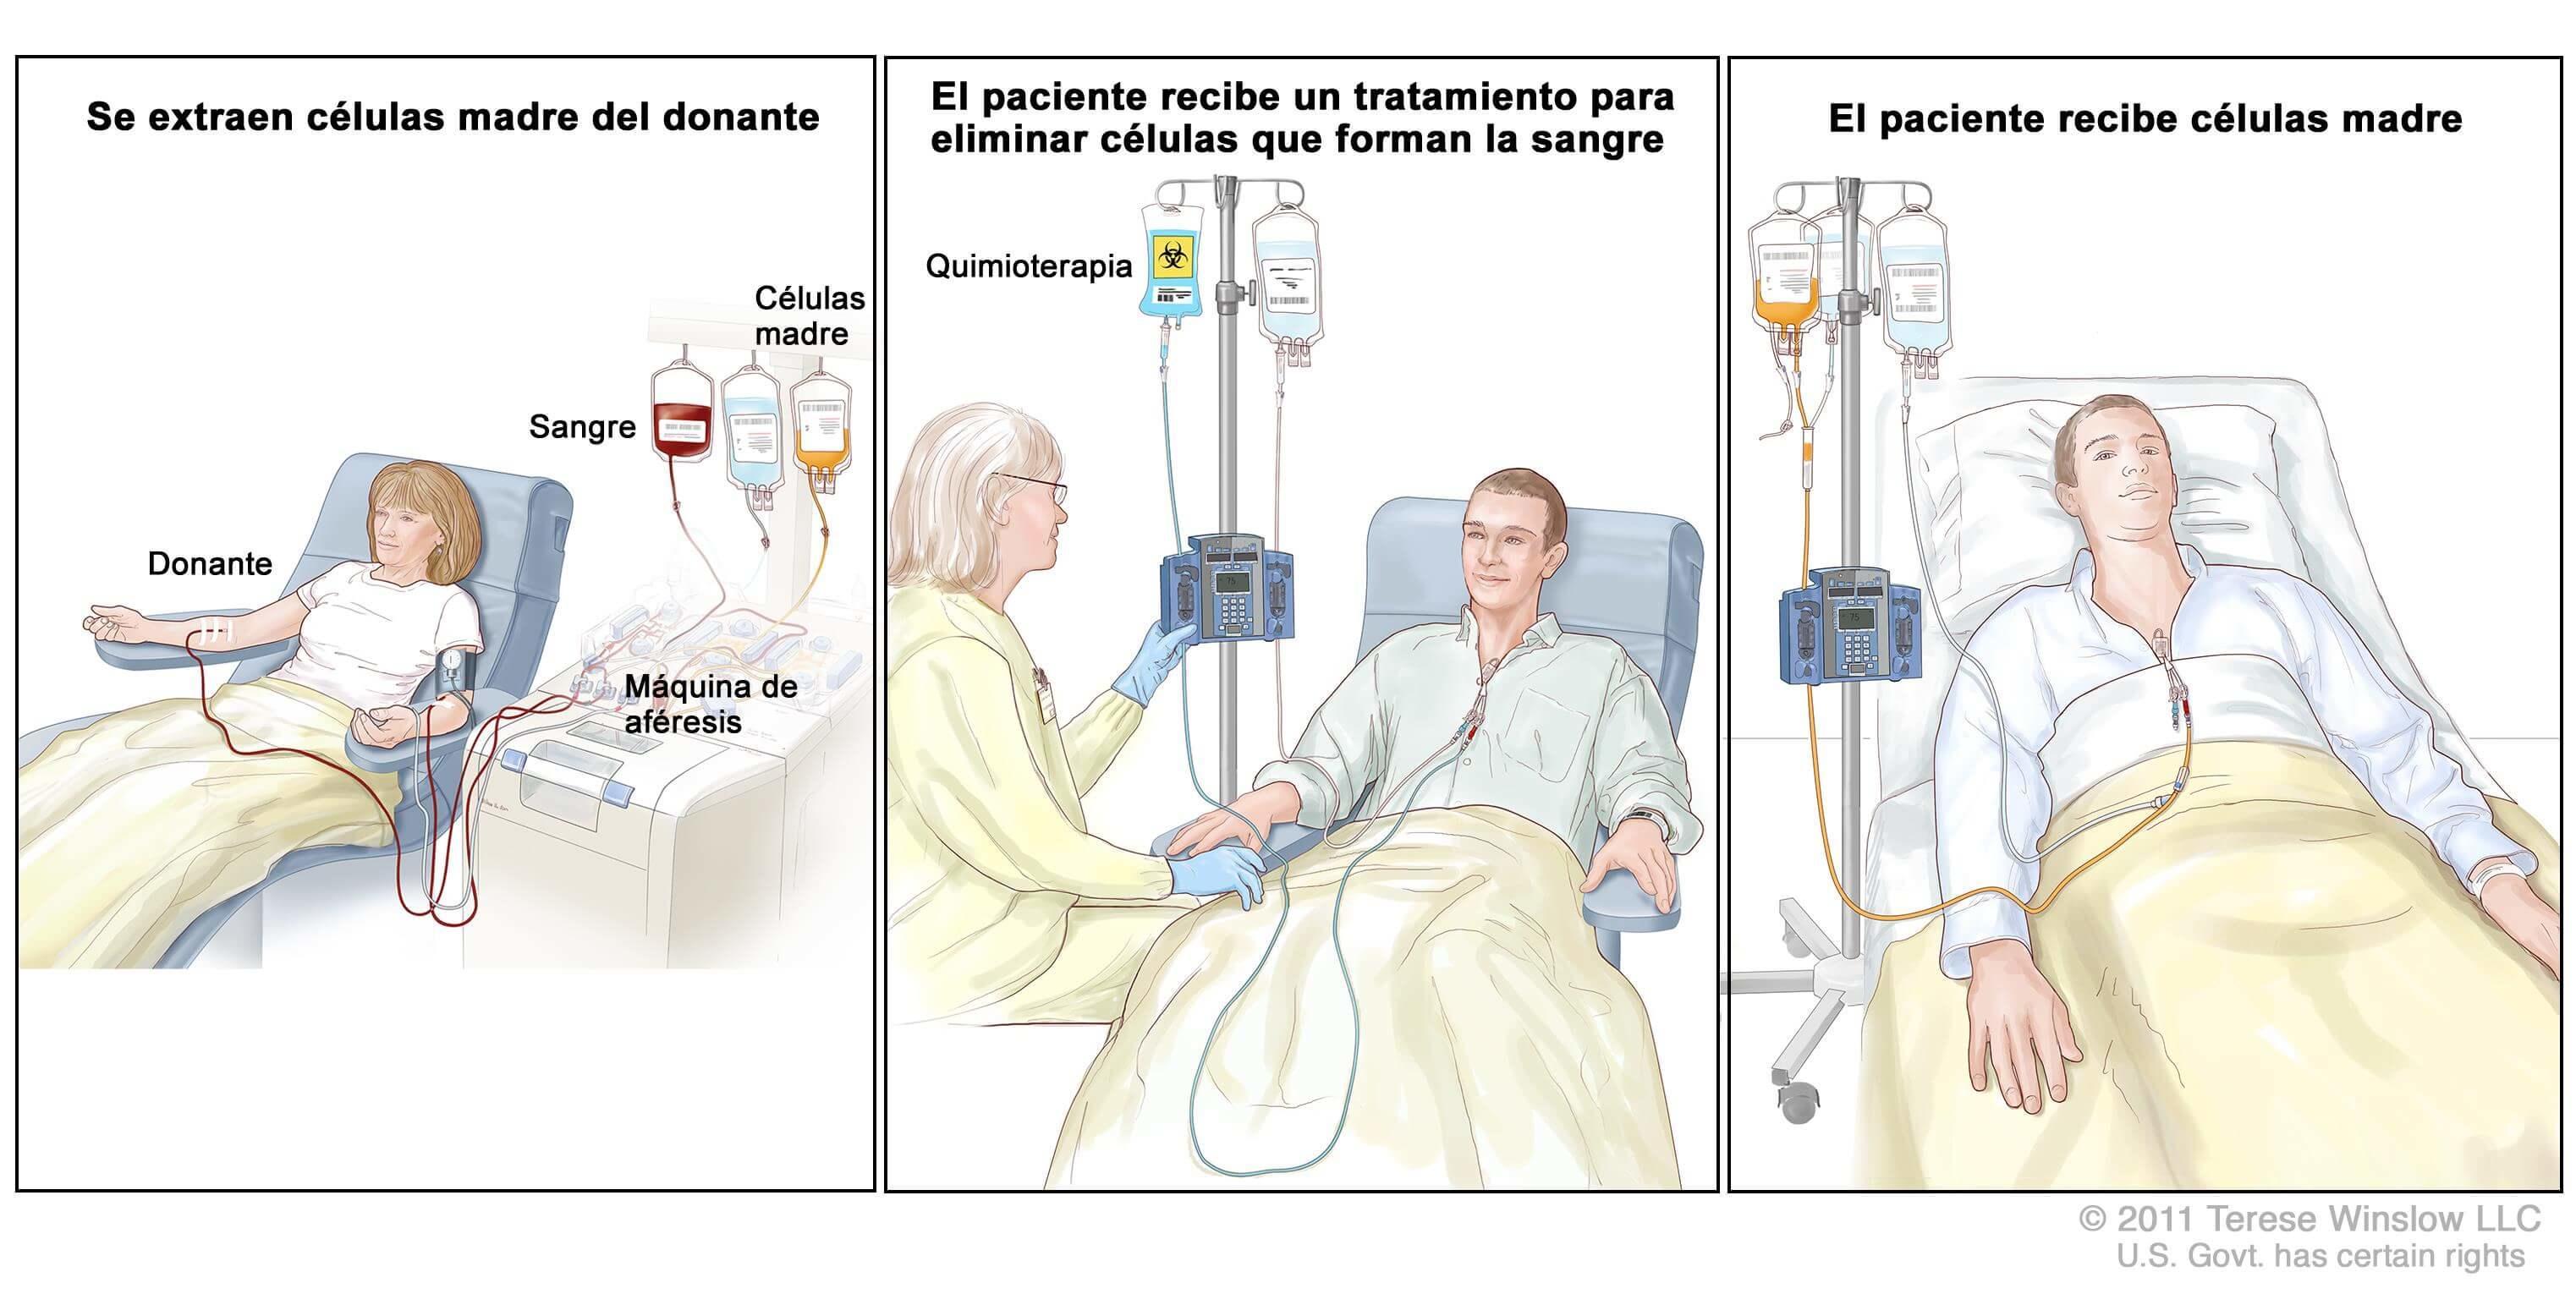 Puedo donar sangre con cáncer de próstata